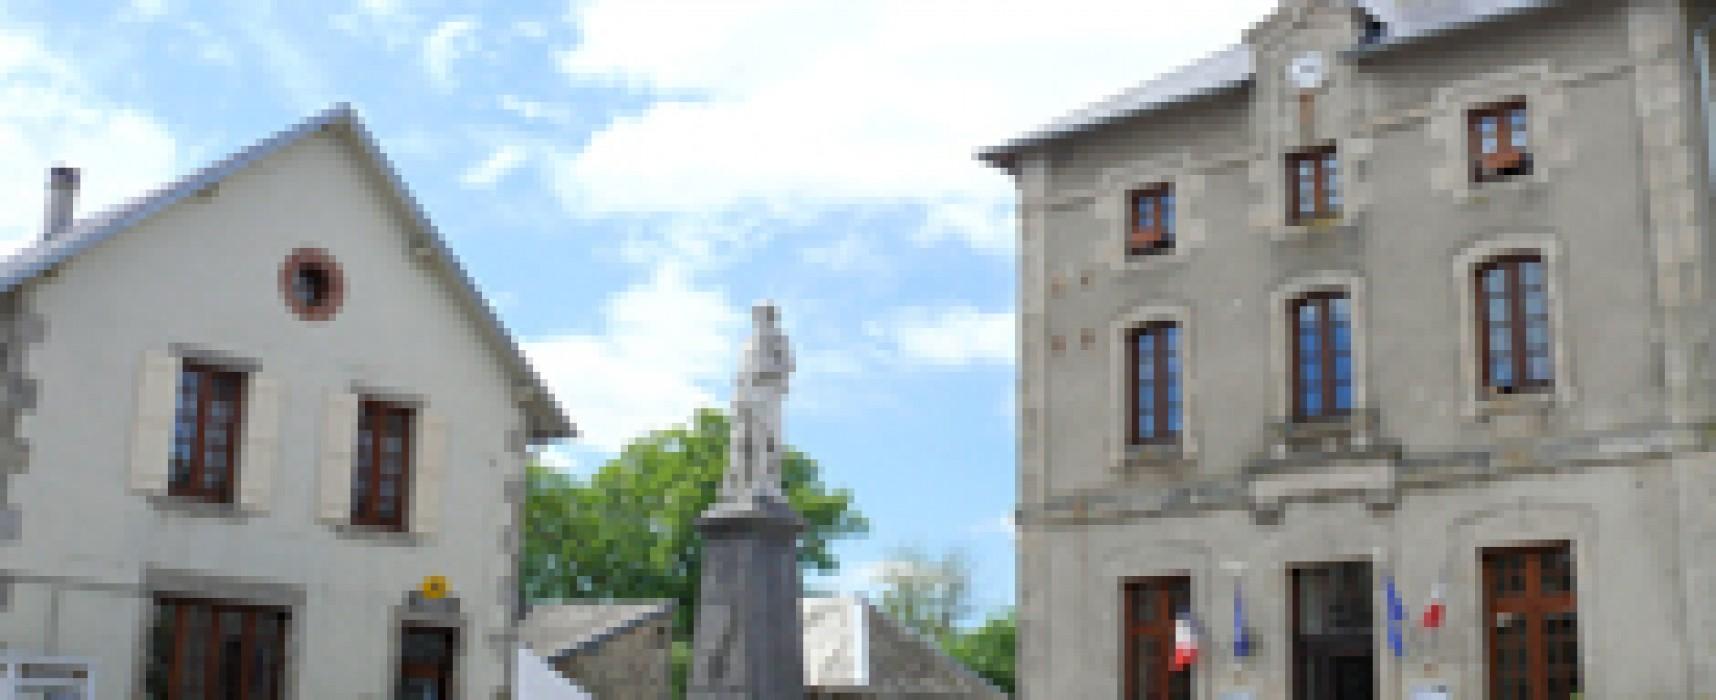 Location d'un appartement par la mairie de La Nouaille